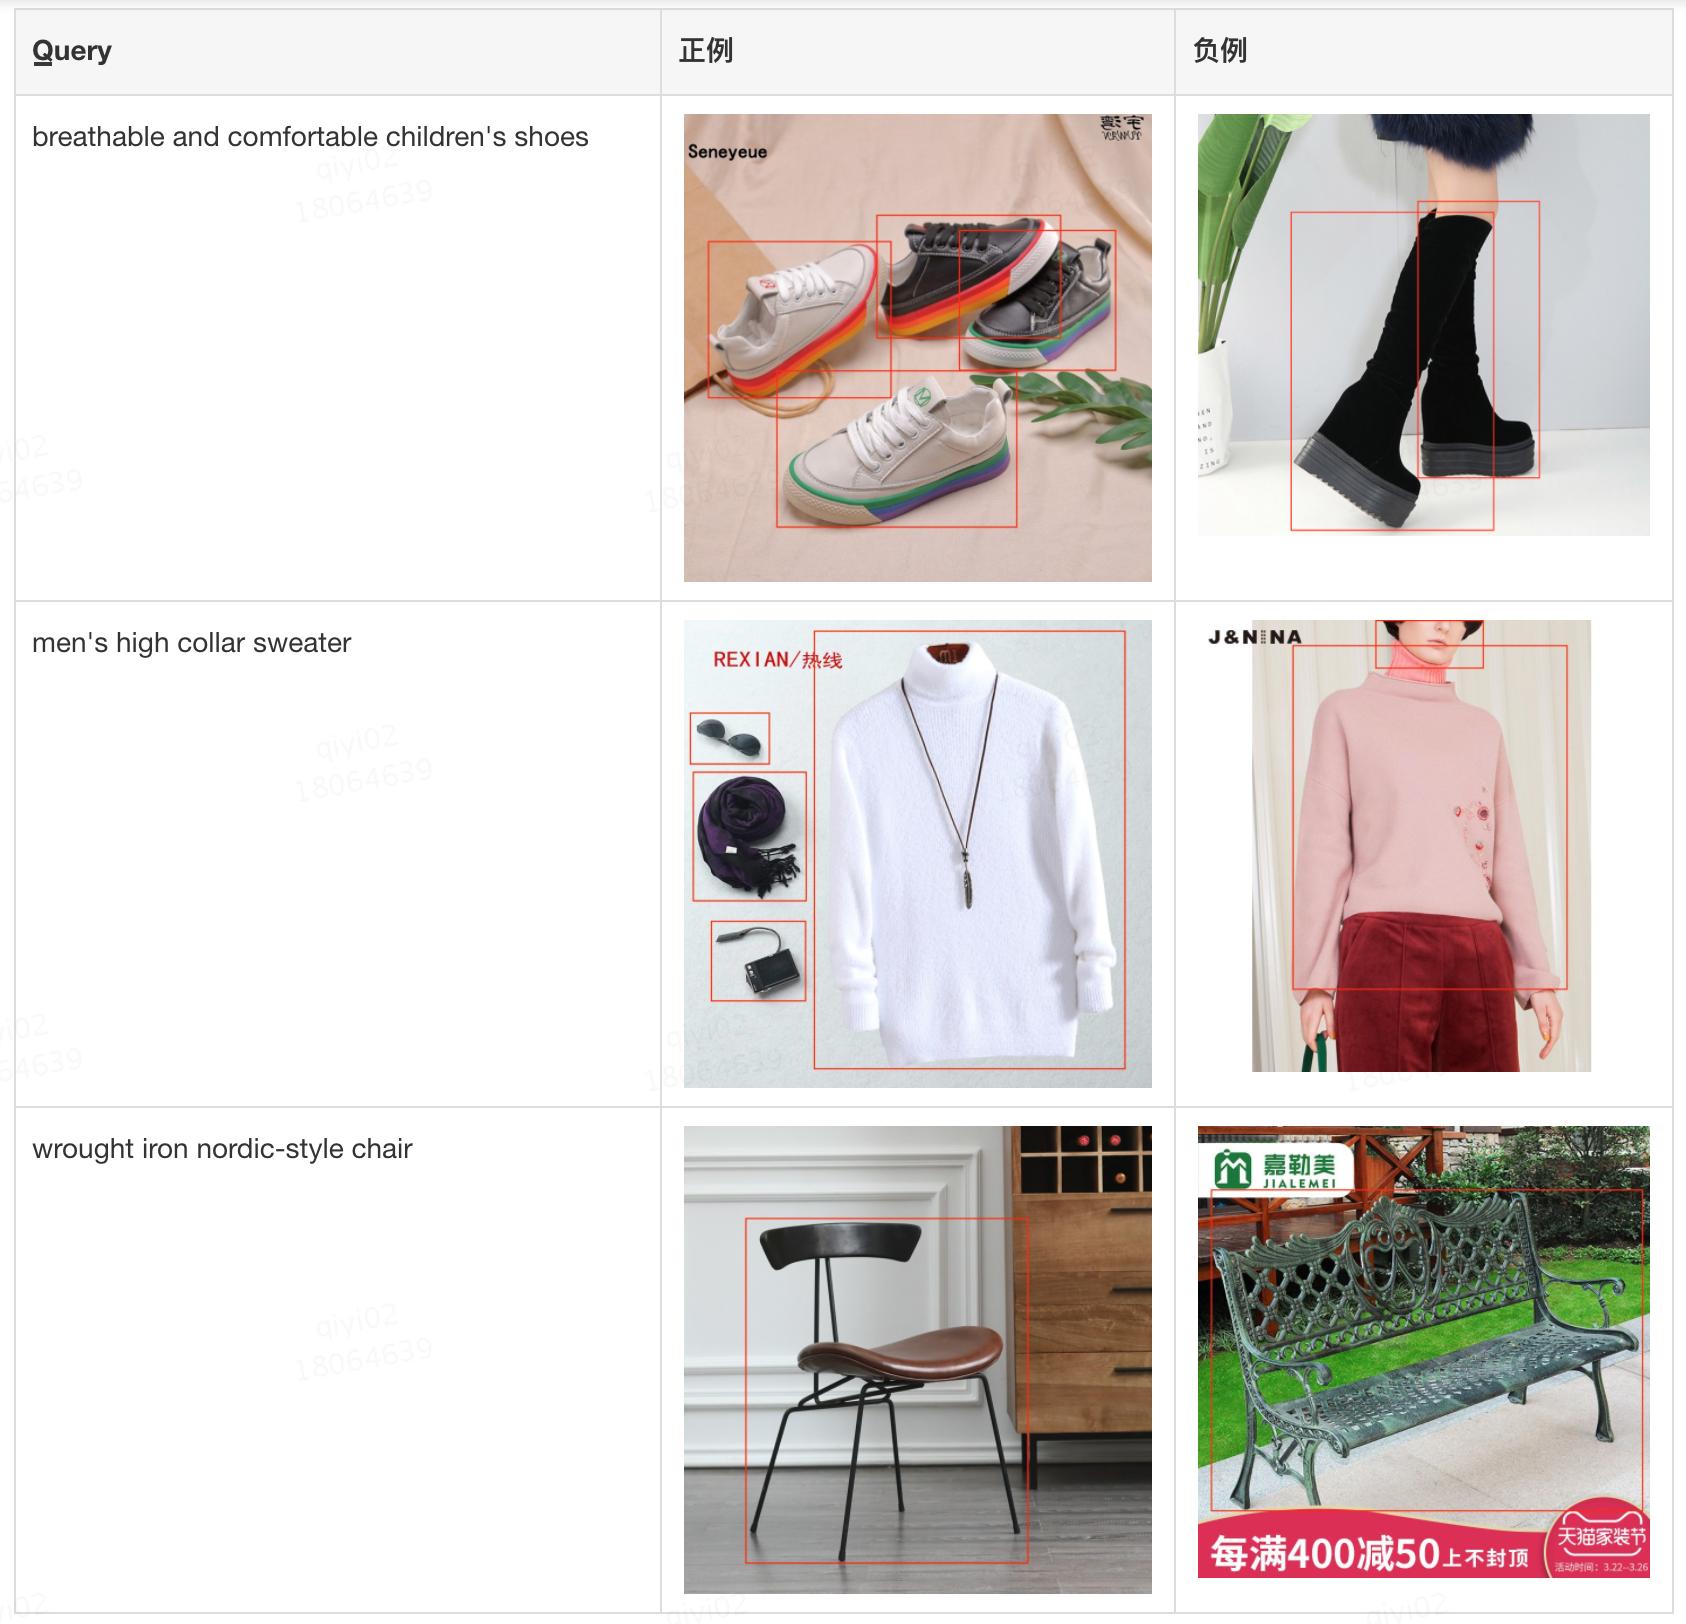 表2 搜索短语与图片的匹配正负例